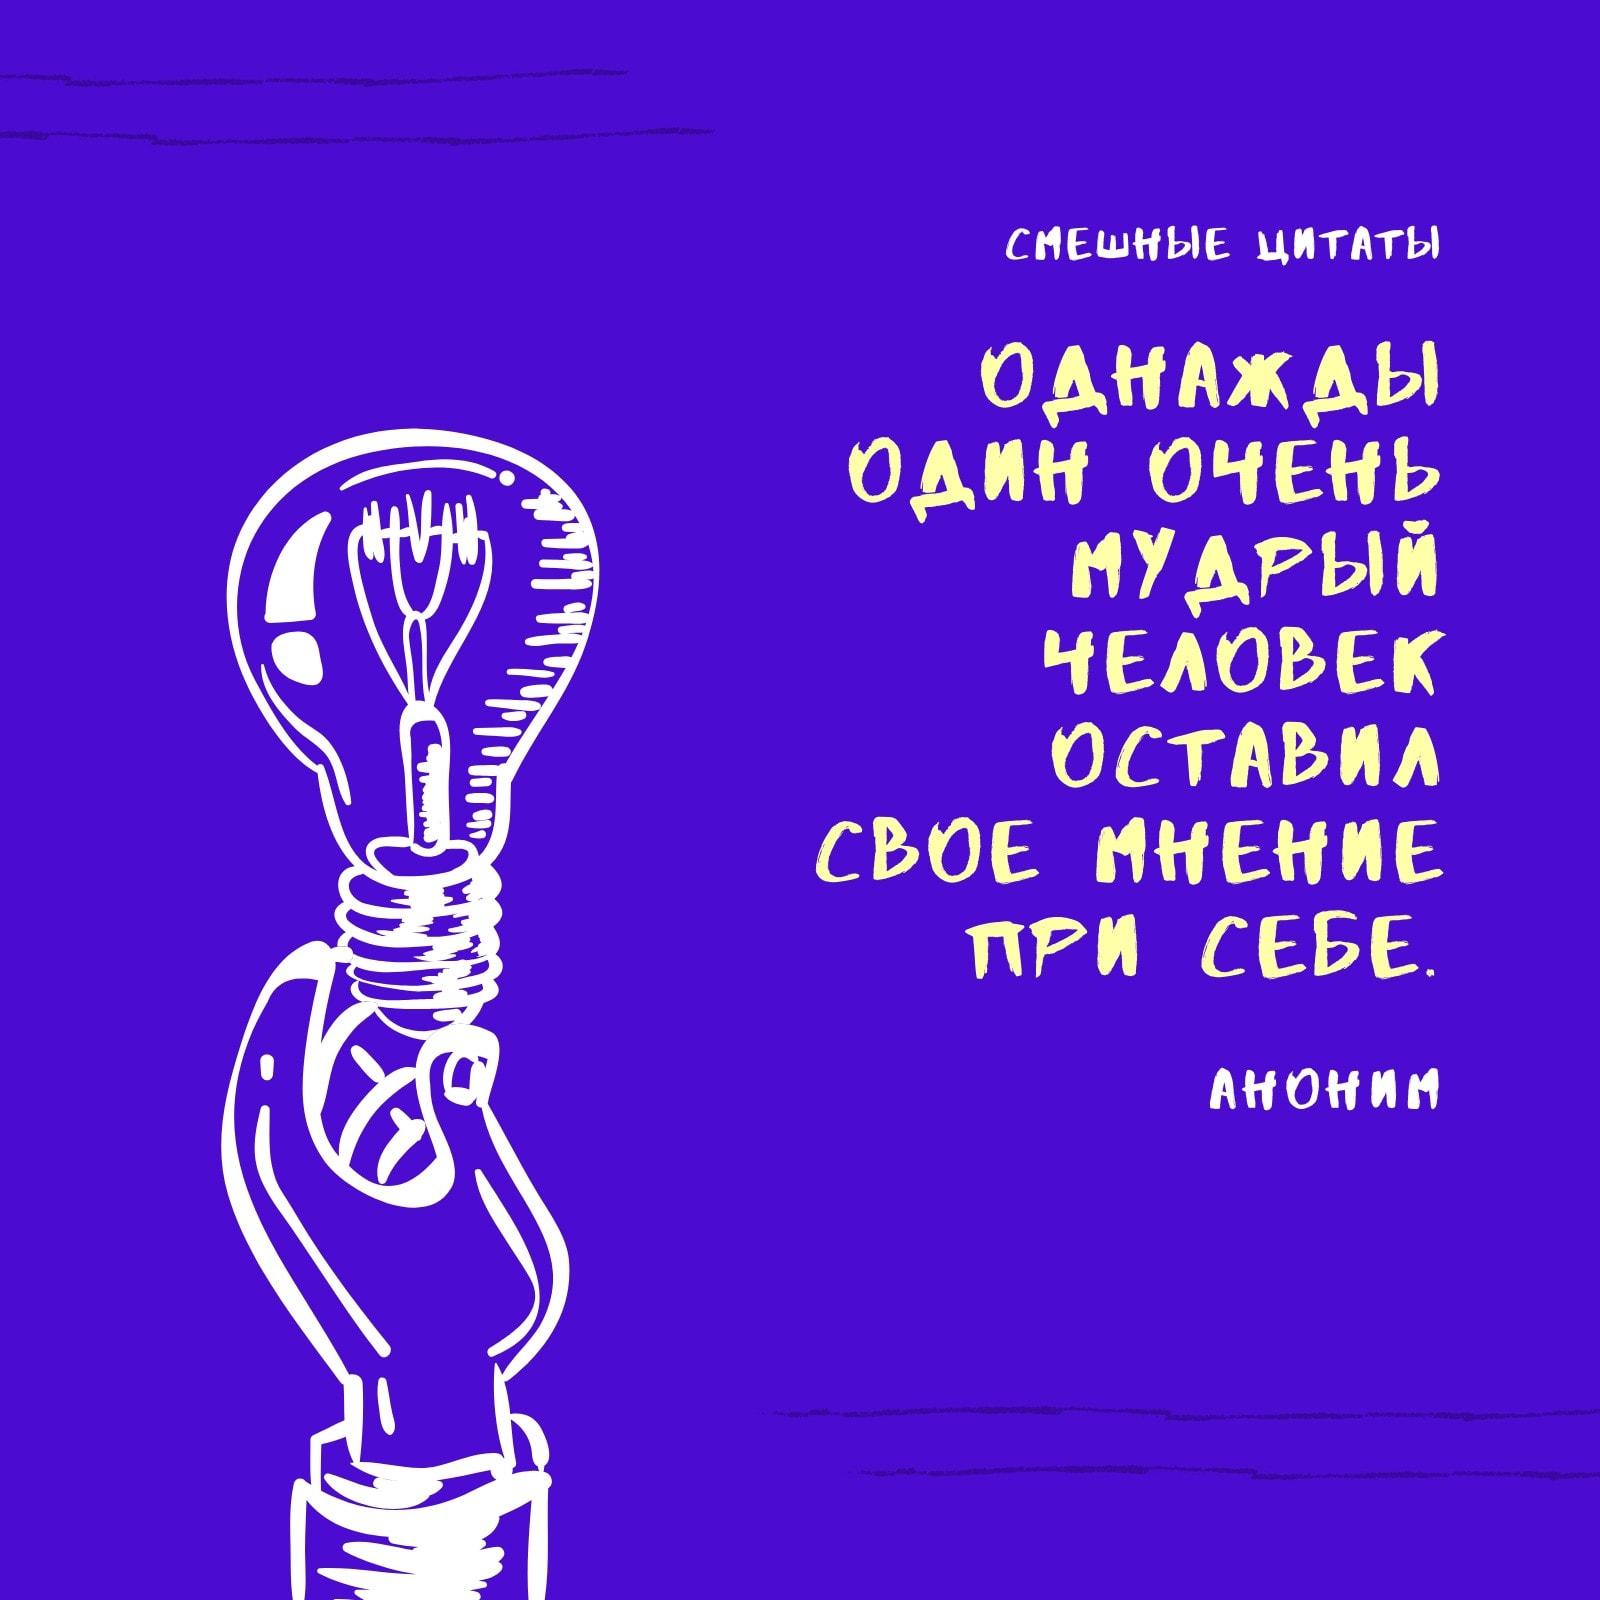 Публикация в Instagram со смешной цитатой  на синем фоне и рисунком лампочки